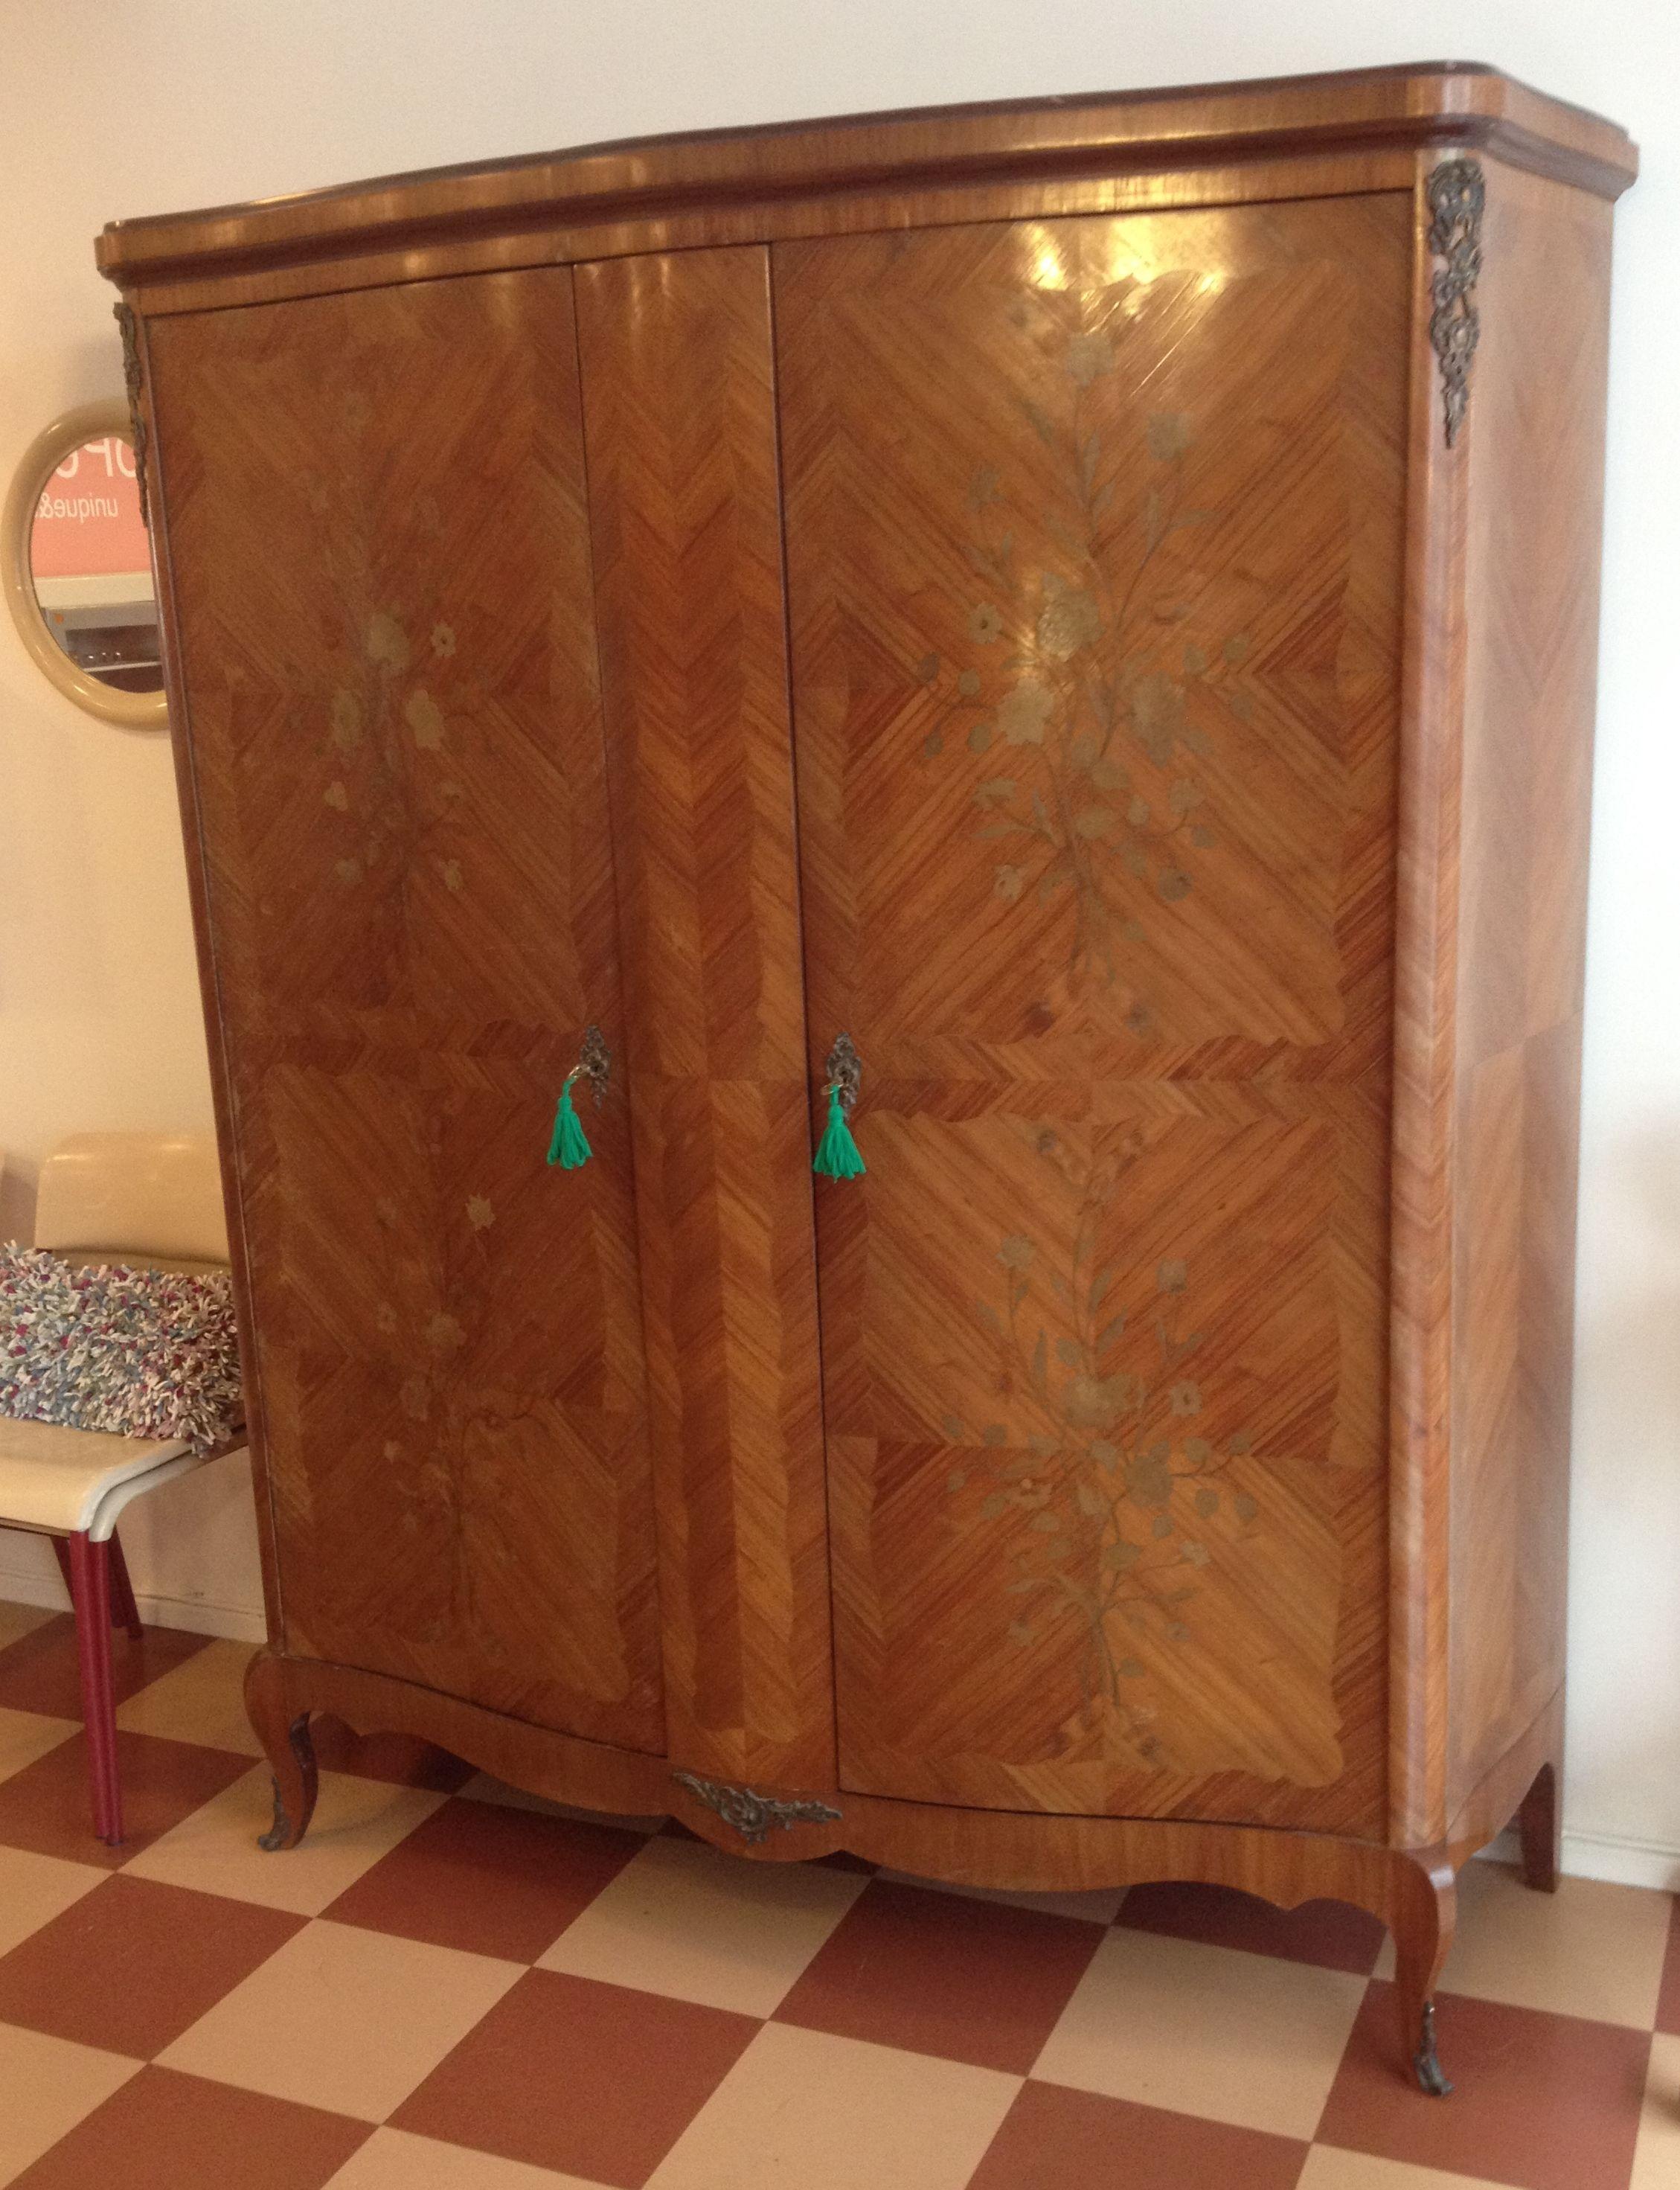 siro ja hienostunut renessanssityylinen kaappi 1900-1920 luvulta, sitruunapuusta ja jalavasta intarsia-menetelmällä kuvioitua kaunista pintaa (kork 194, lev 160, syv 56cm)